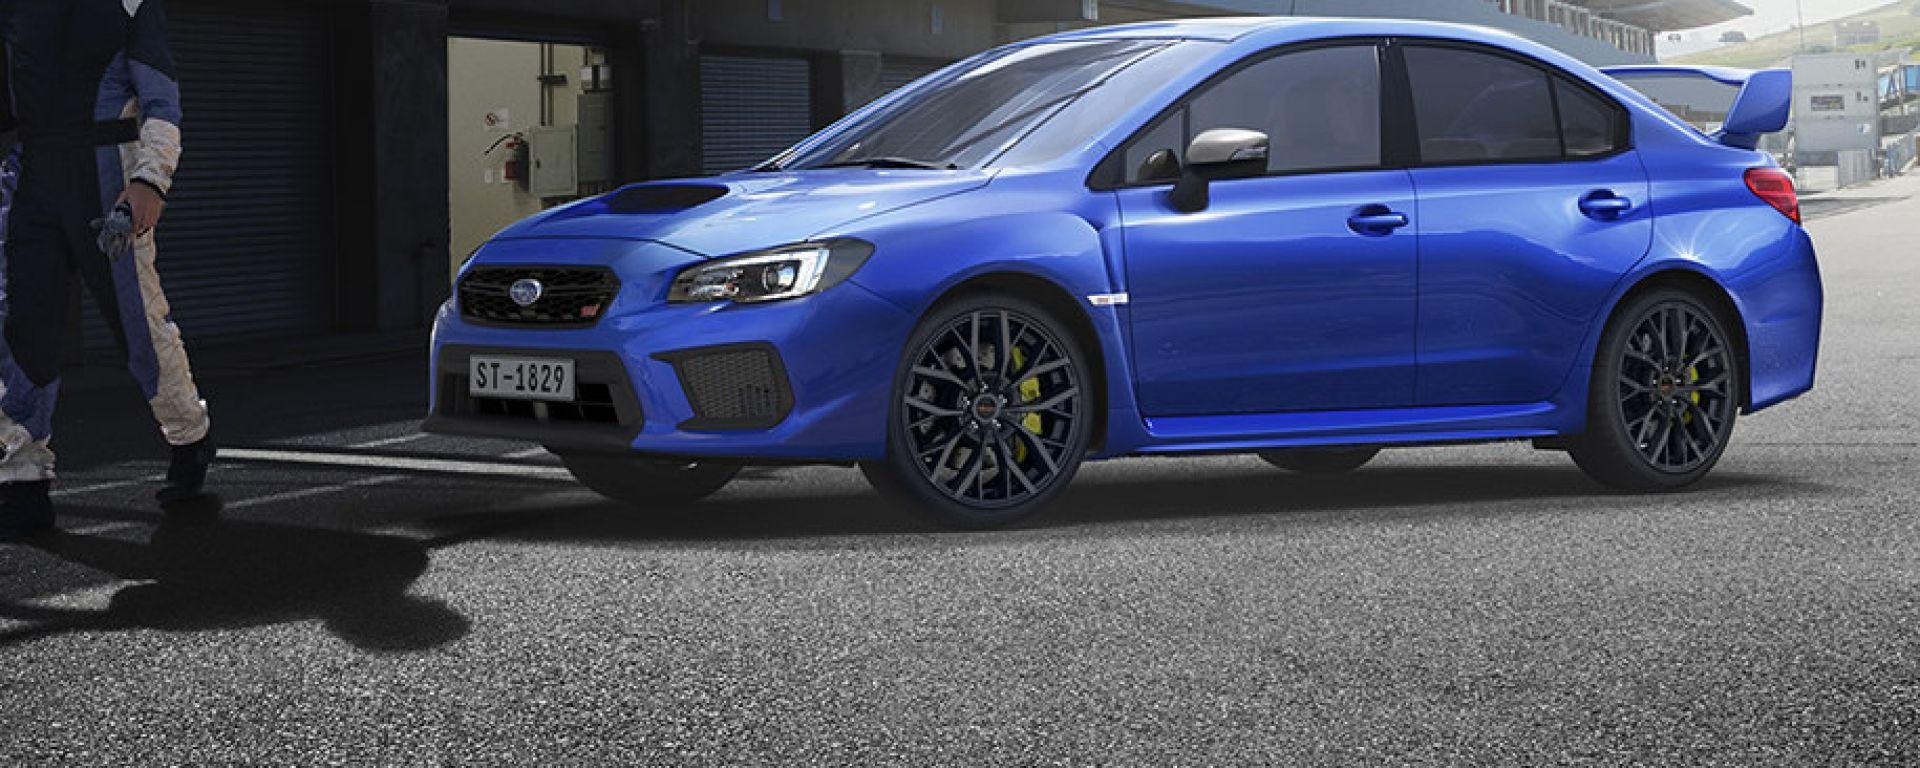 Subaru WRX STI: la versione attuale